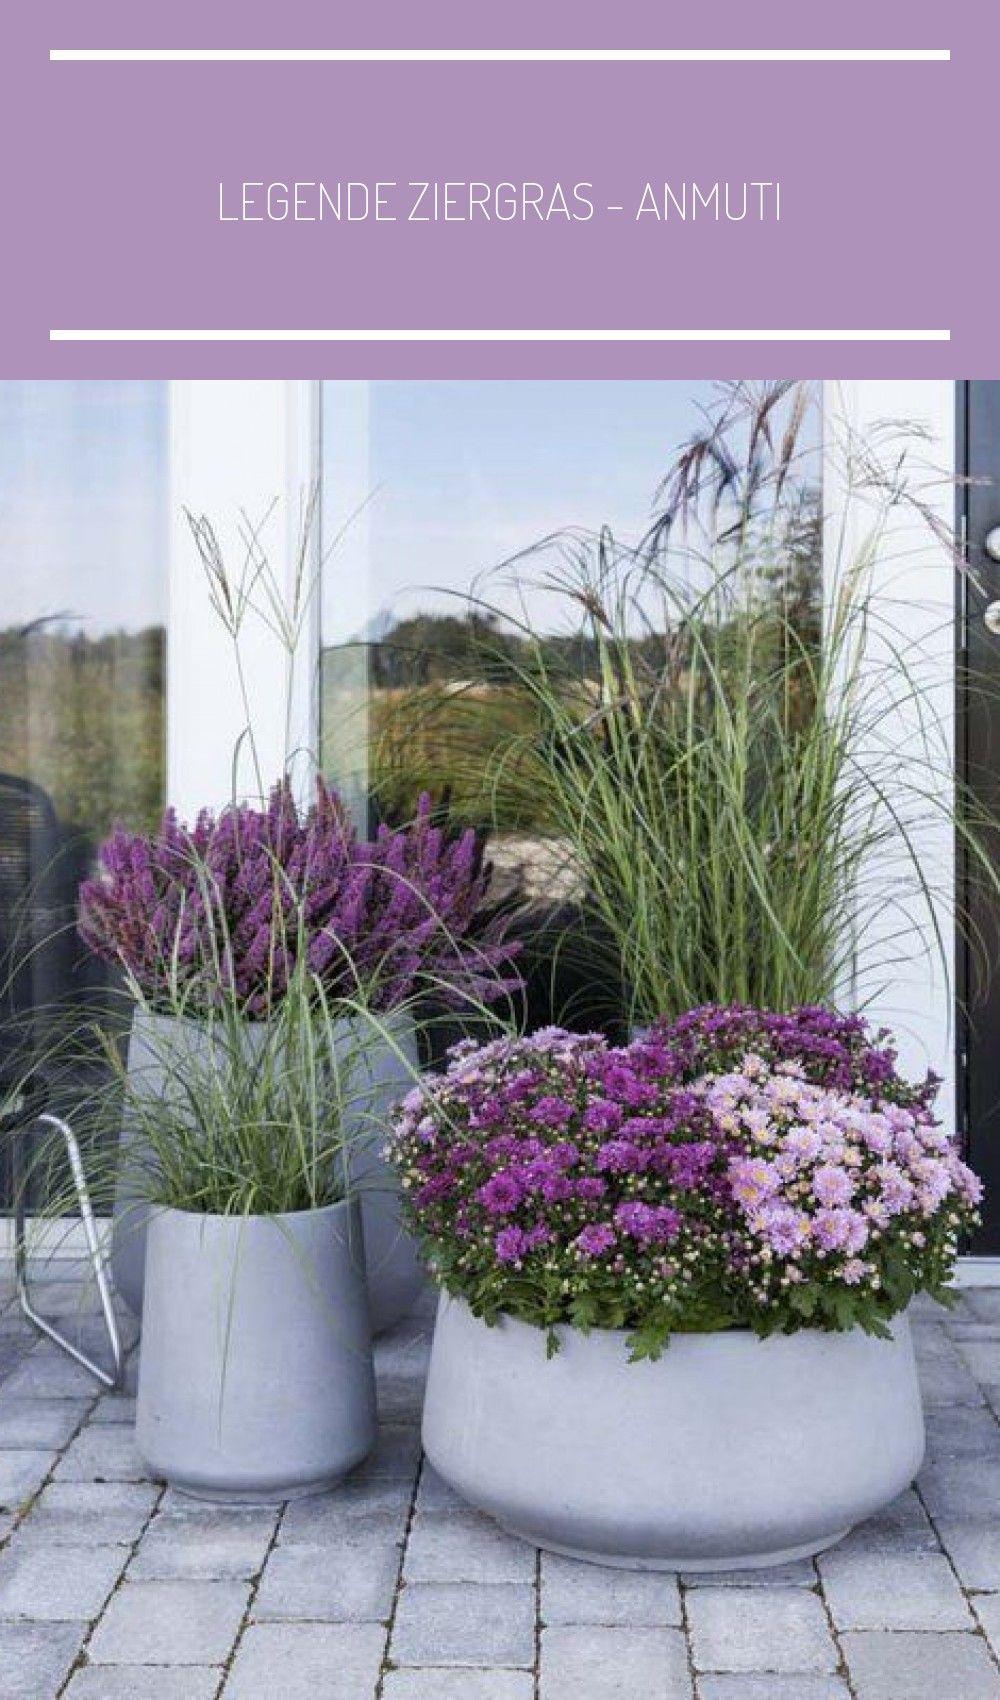 Legende Ziergras Anmutig Und Dekorativ Dekorativ Anmutig Und Porche In 2020 Vegetable Garden Design Rooftop Garden Garden